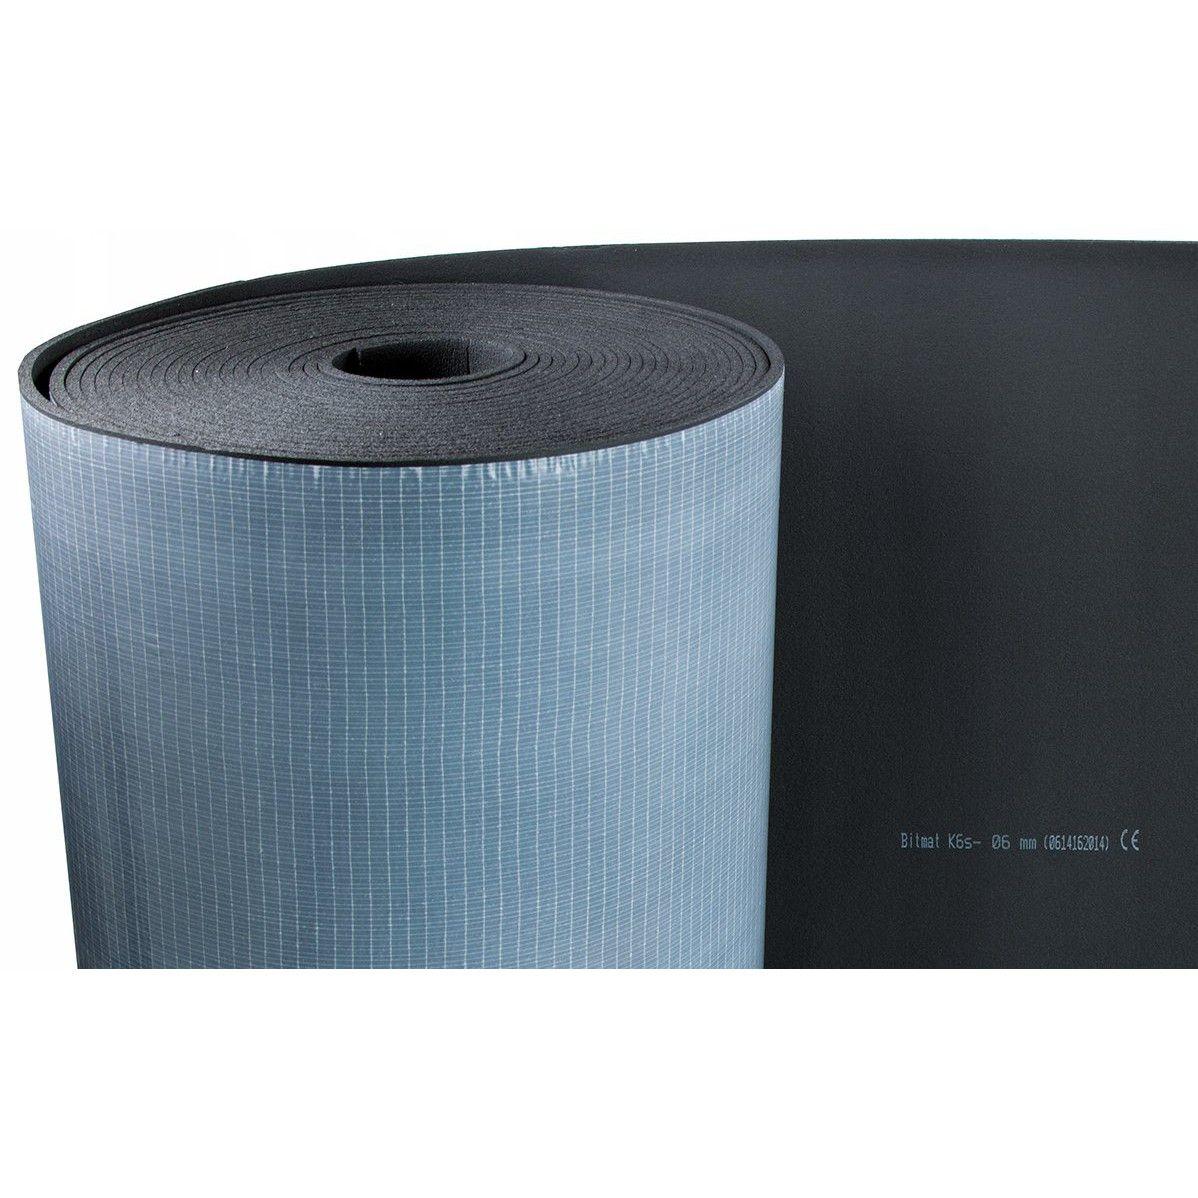 Butylová rohož 10ks 1,8mm 75x50cm + zvukotesná pena 6mm 350x100cm K6s + valec karus